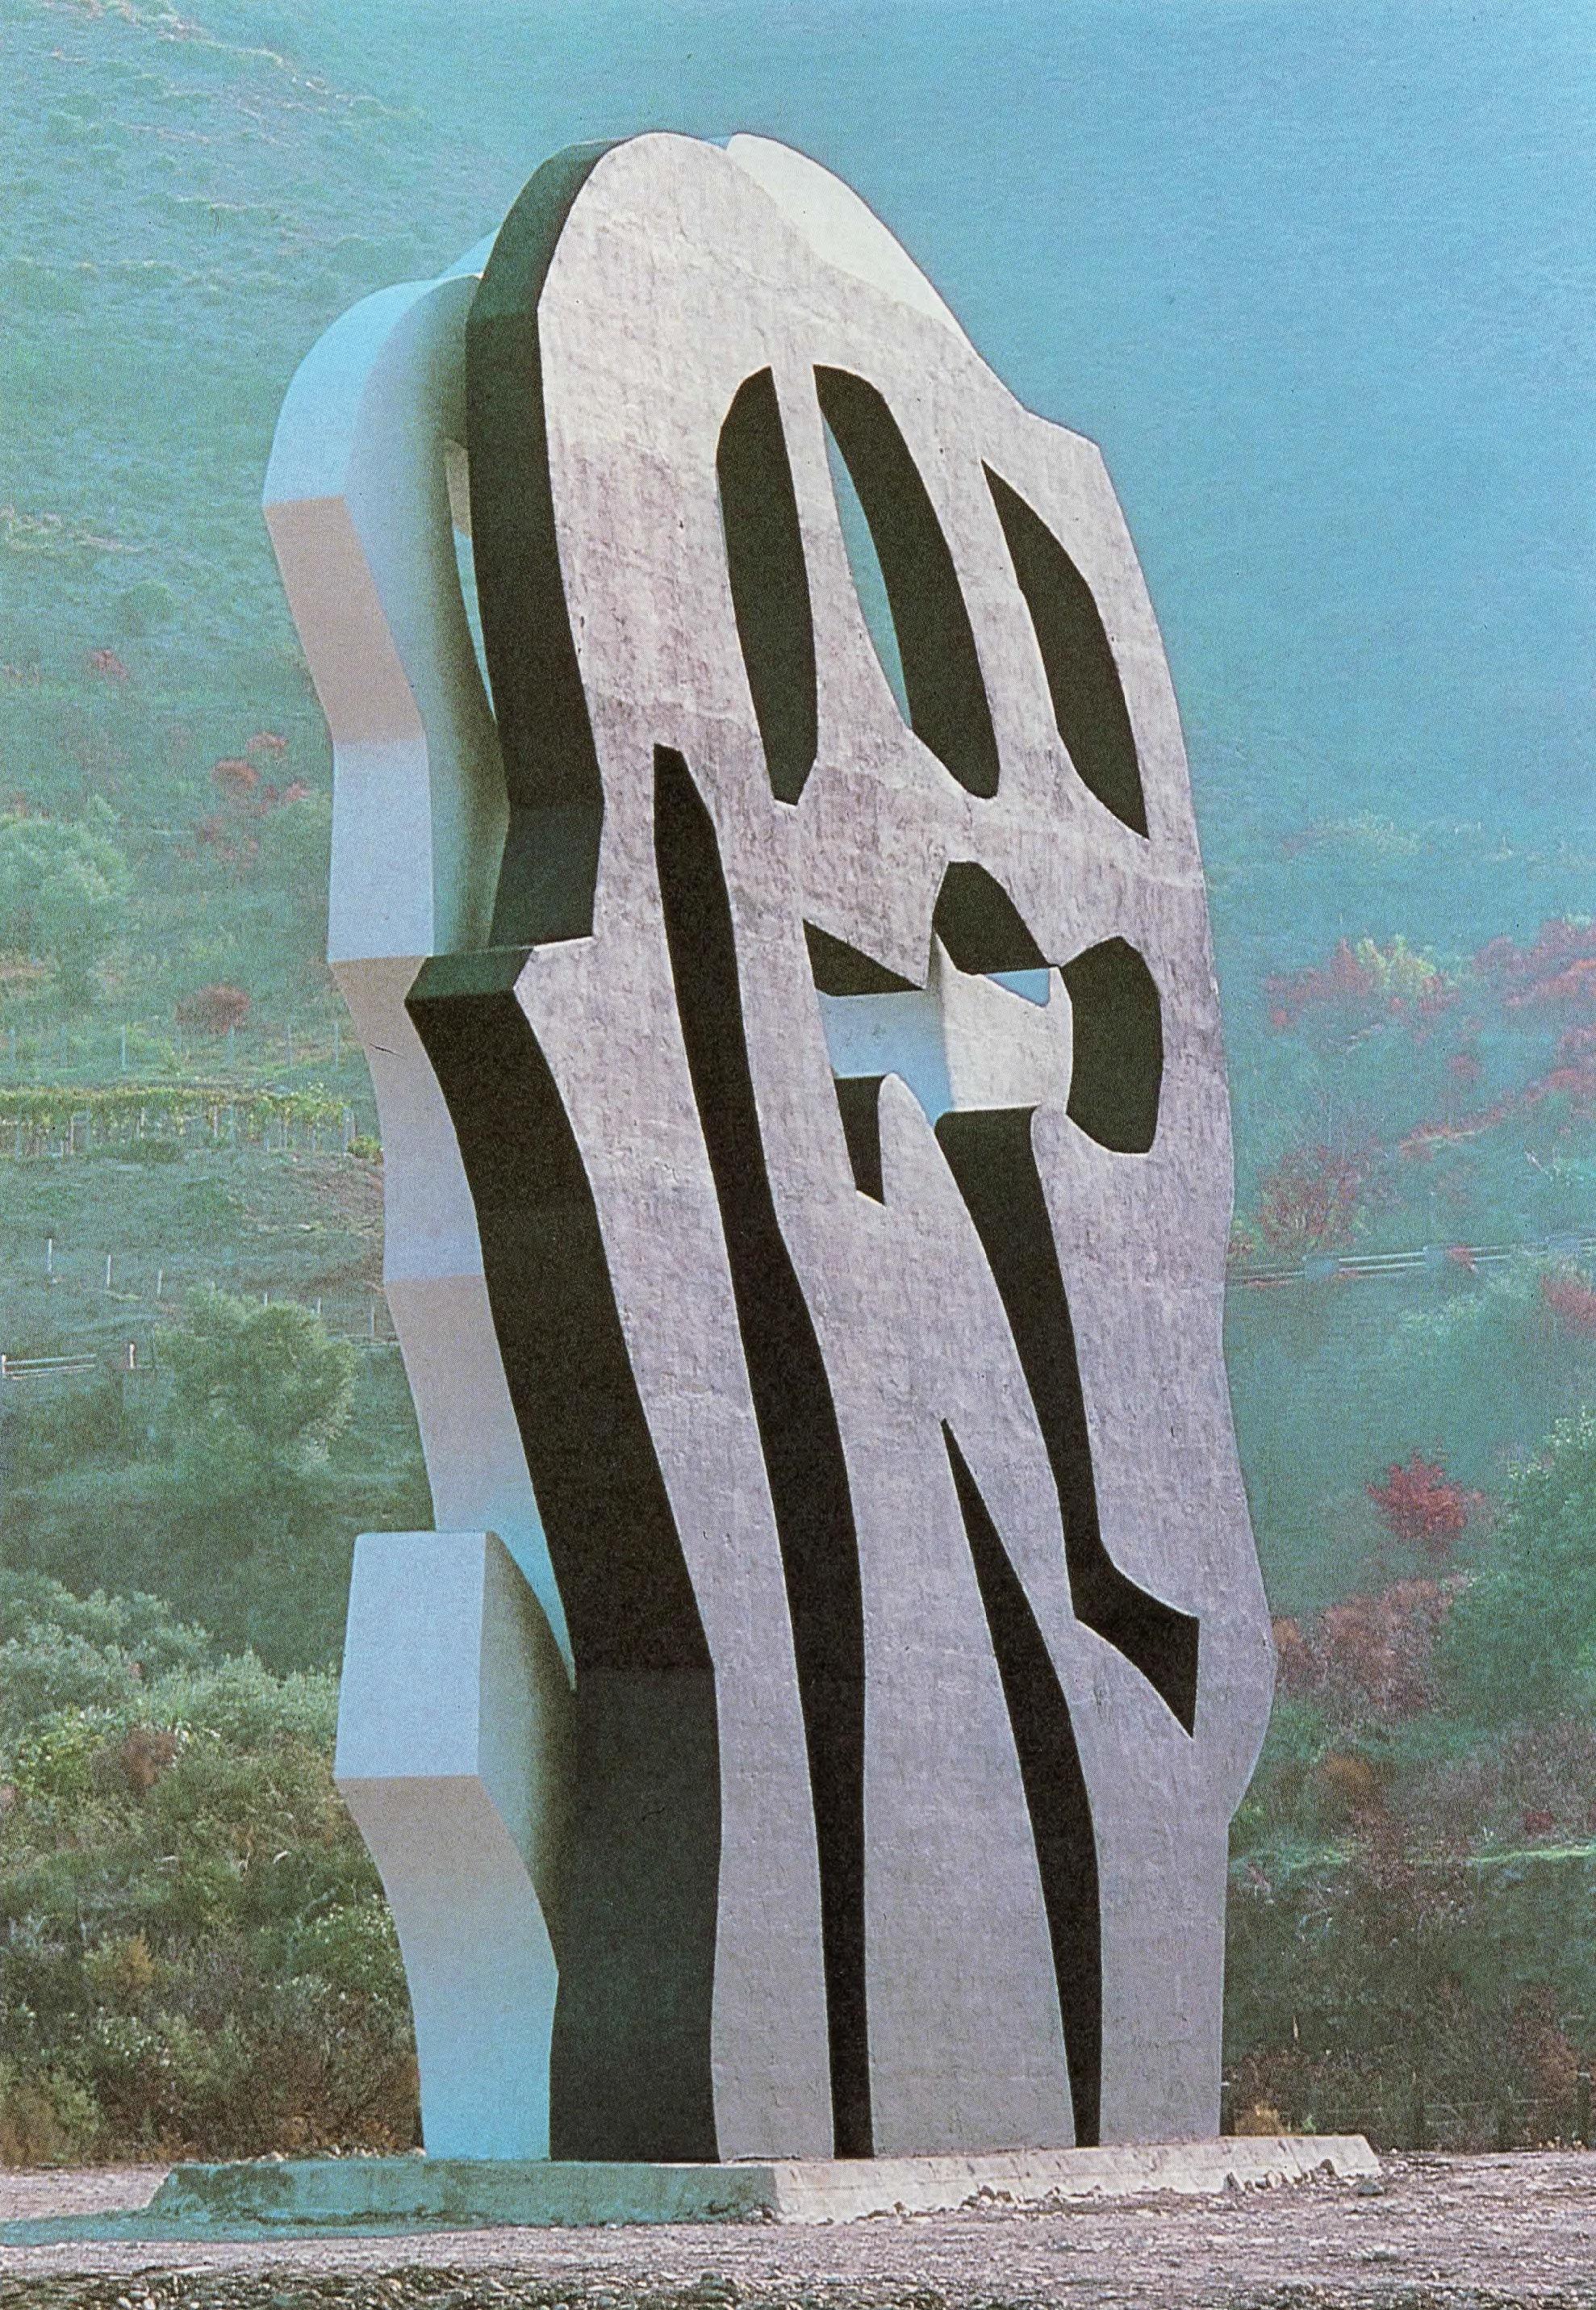 Pietro Consagra - Per la Fiumara di Tusa